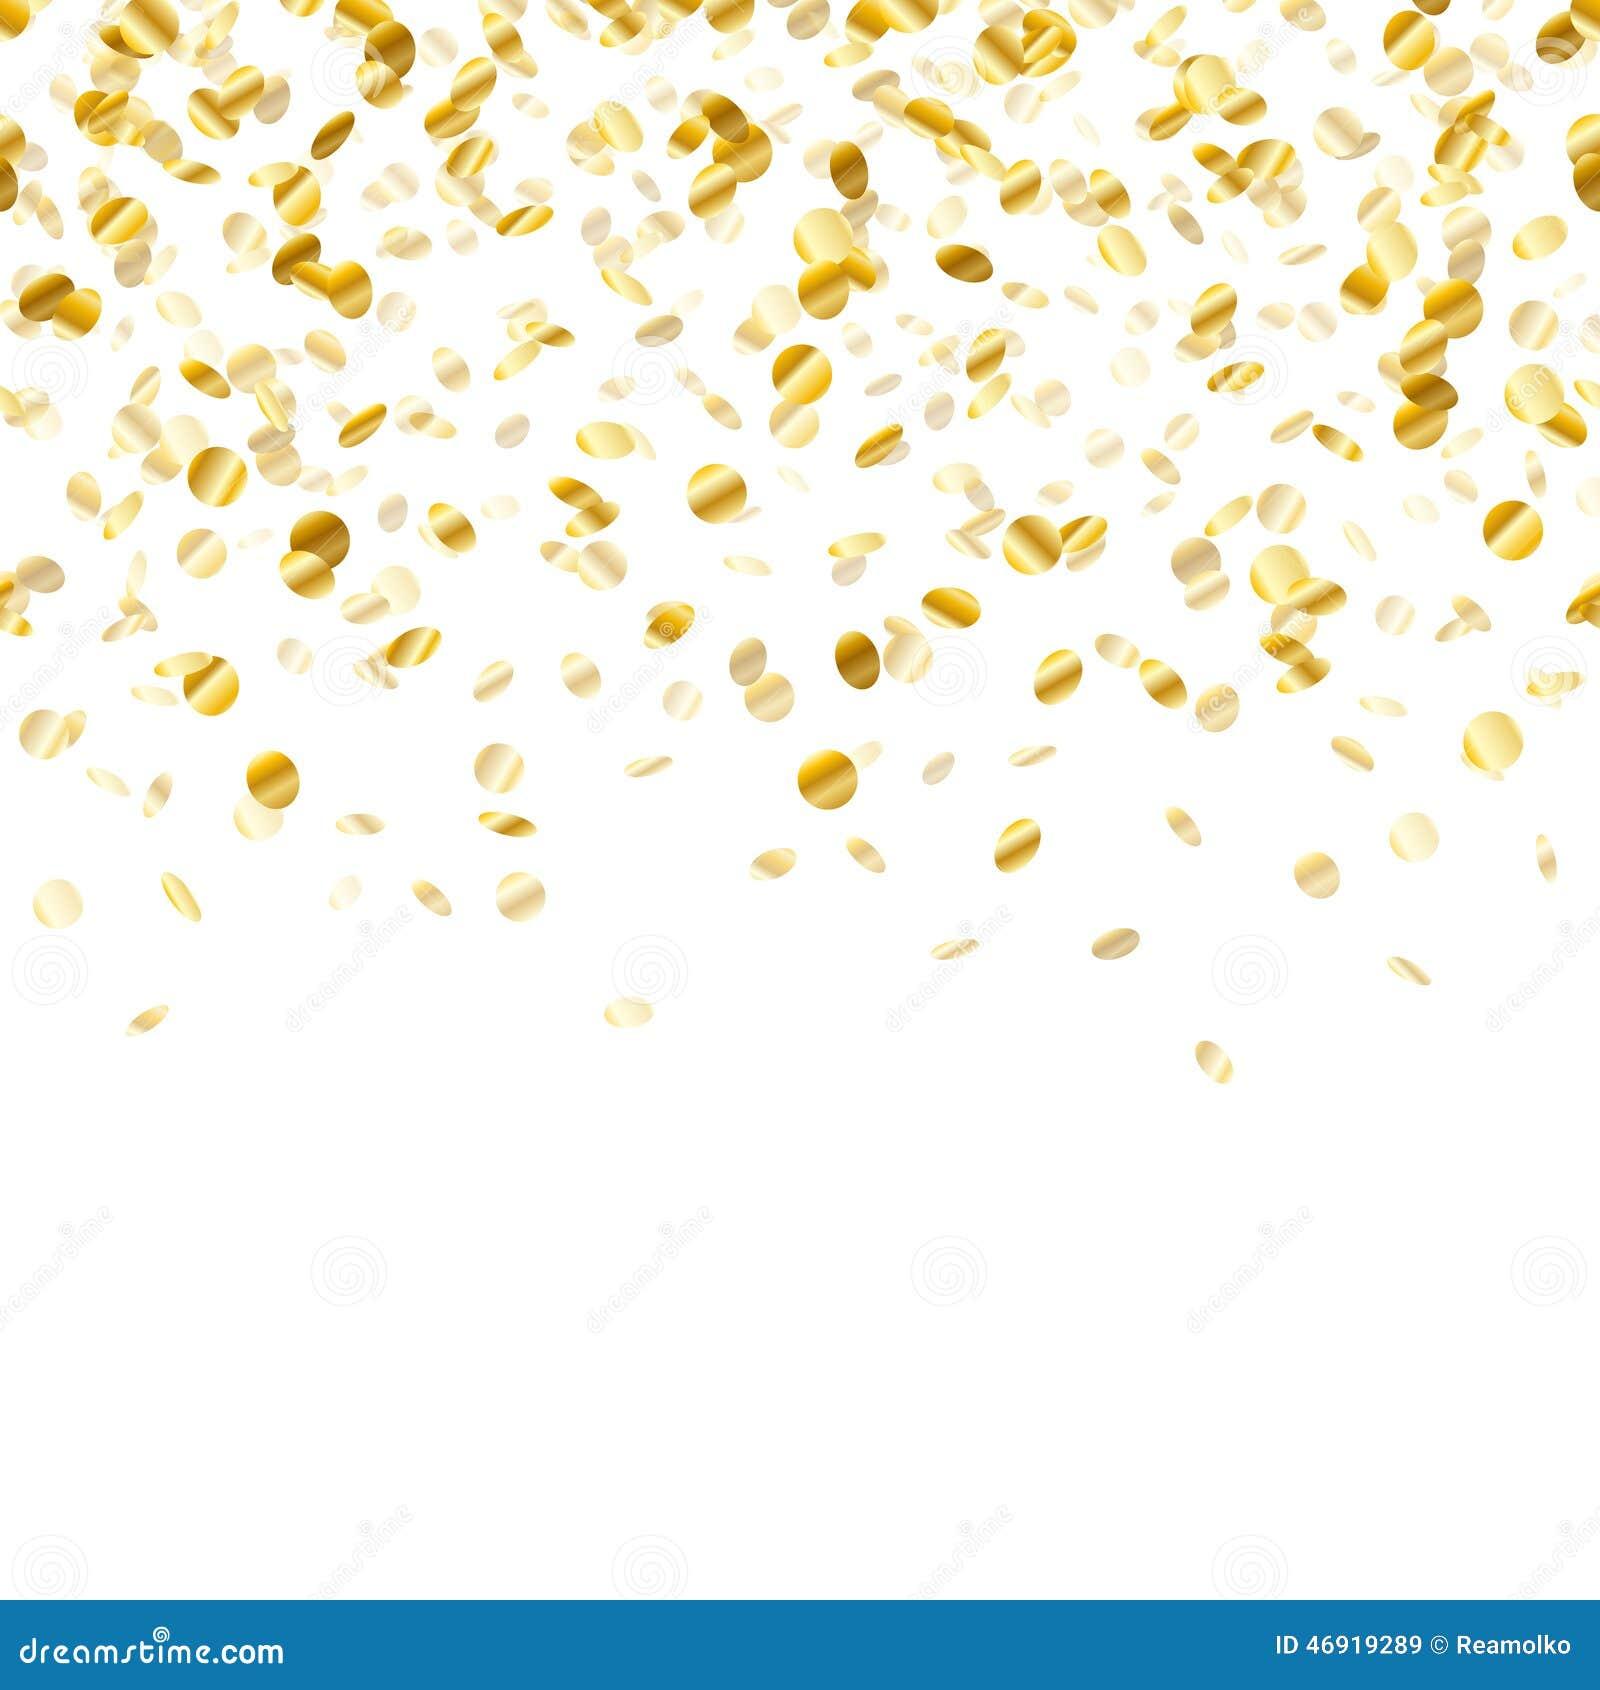 Confetti background vector golden confetti background - Royalty Free Vector Download Golden Confetti Background